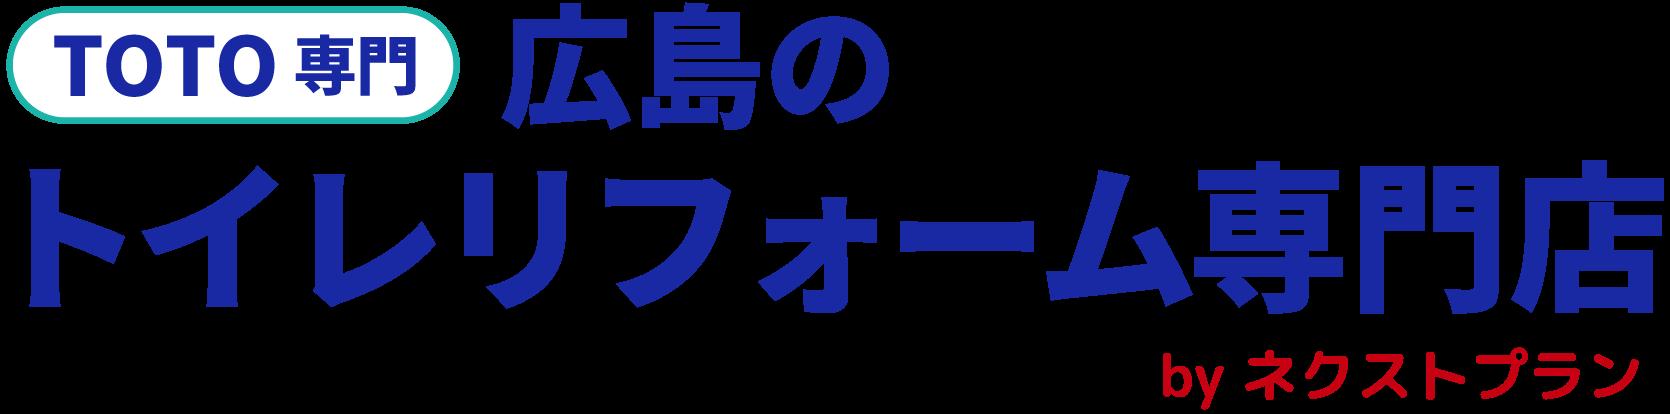 広島のトイレリフォーム専門店|TOTO専門の安心トイレリフォーム